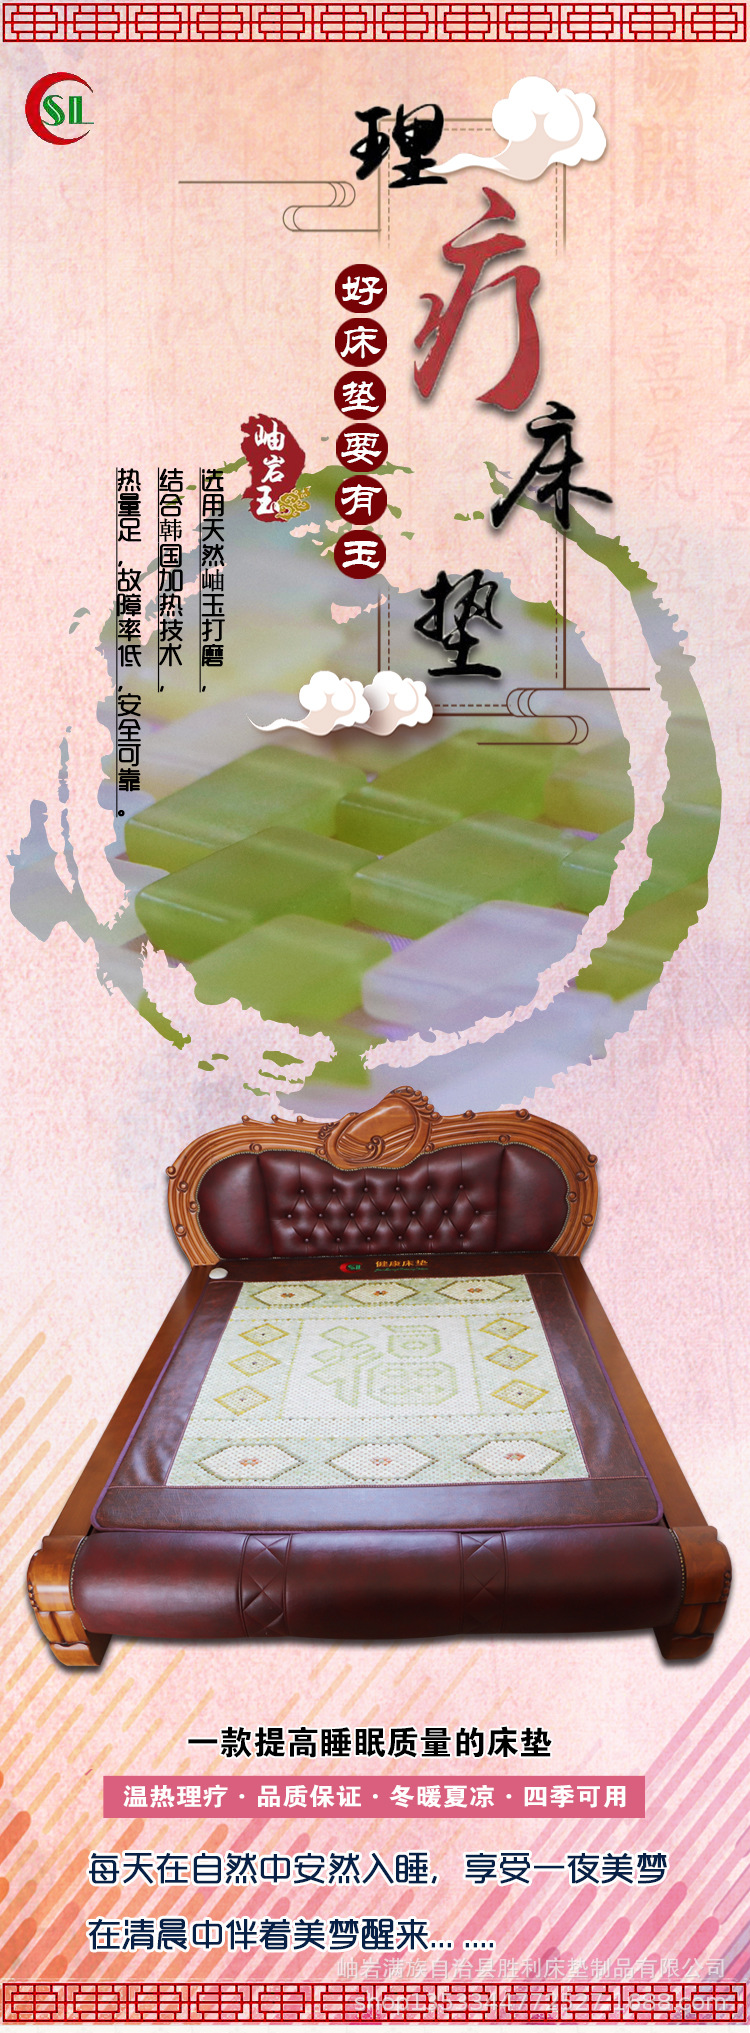 天然玉石床垫锗石托玛琳双温双控电加热床垫麦饭石黑绿玉床垫 玉石床垫1